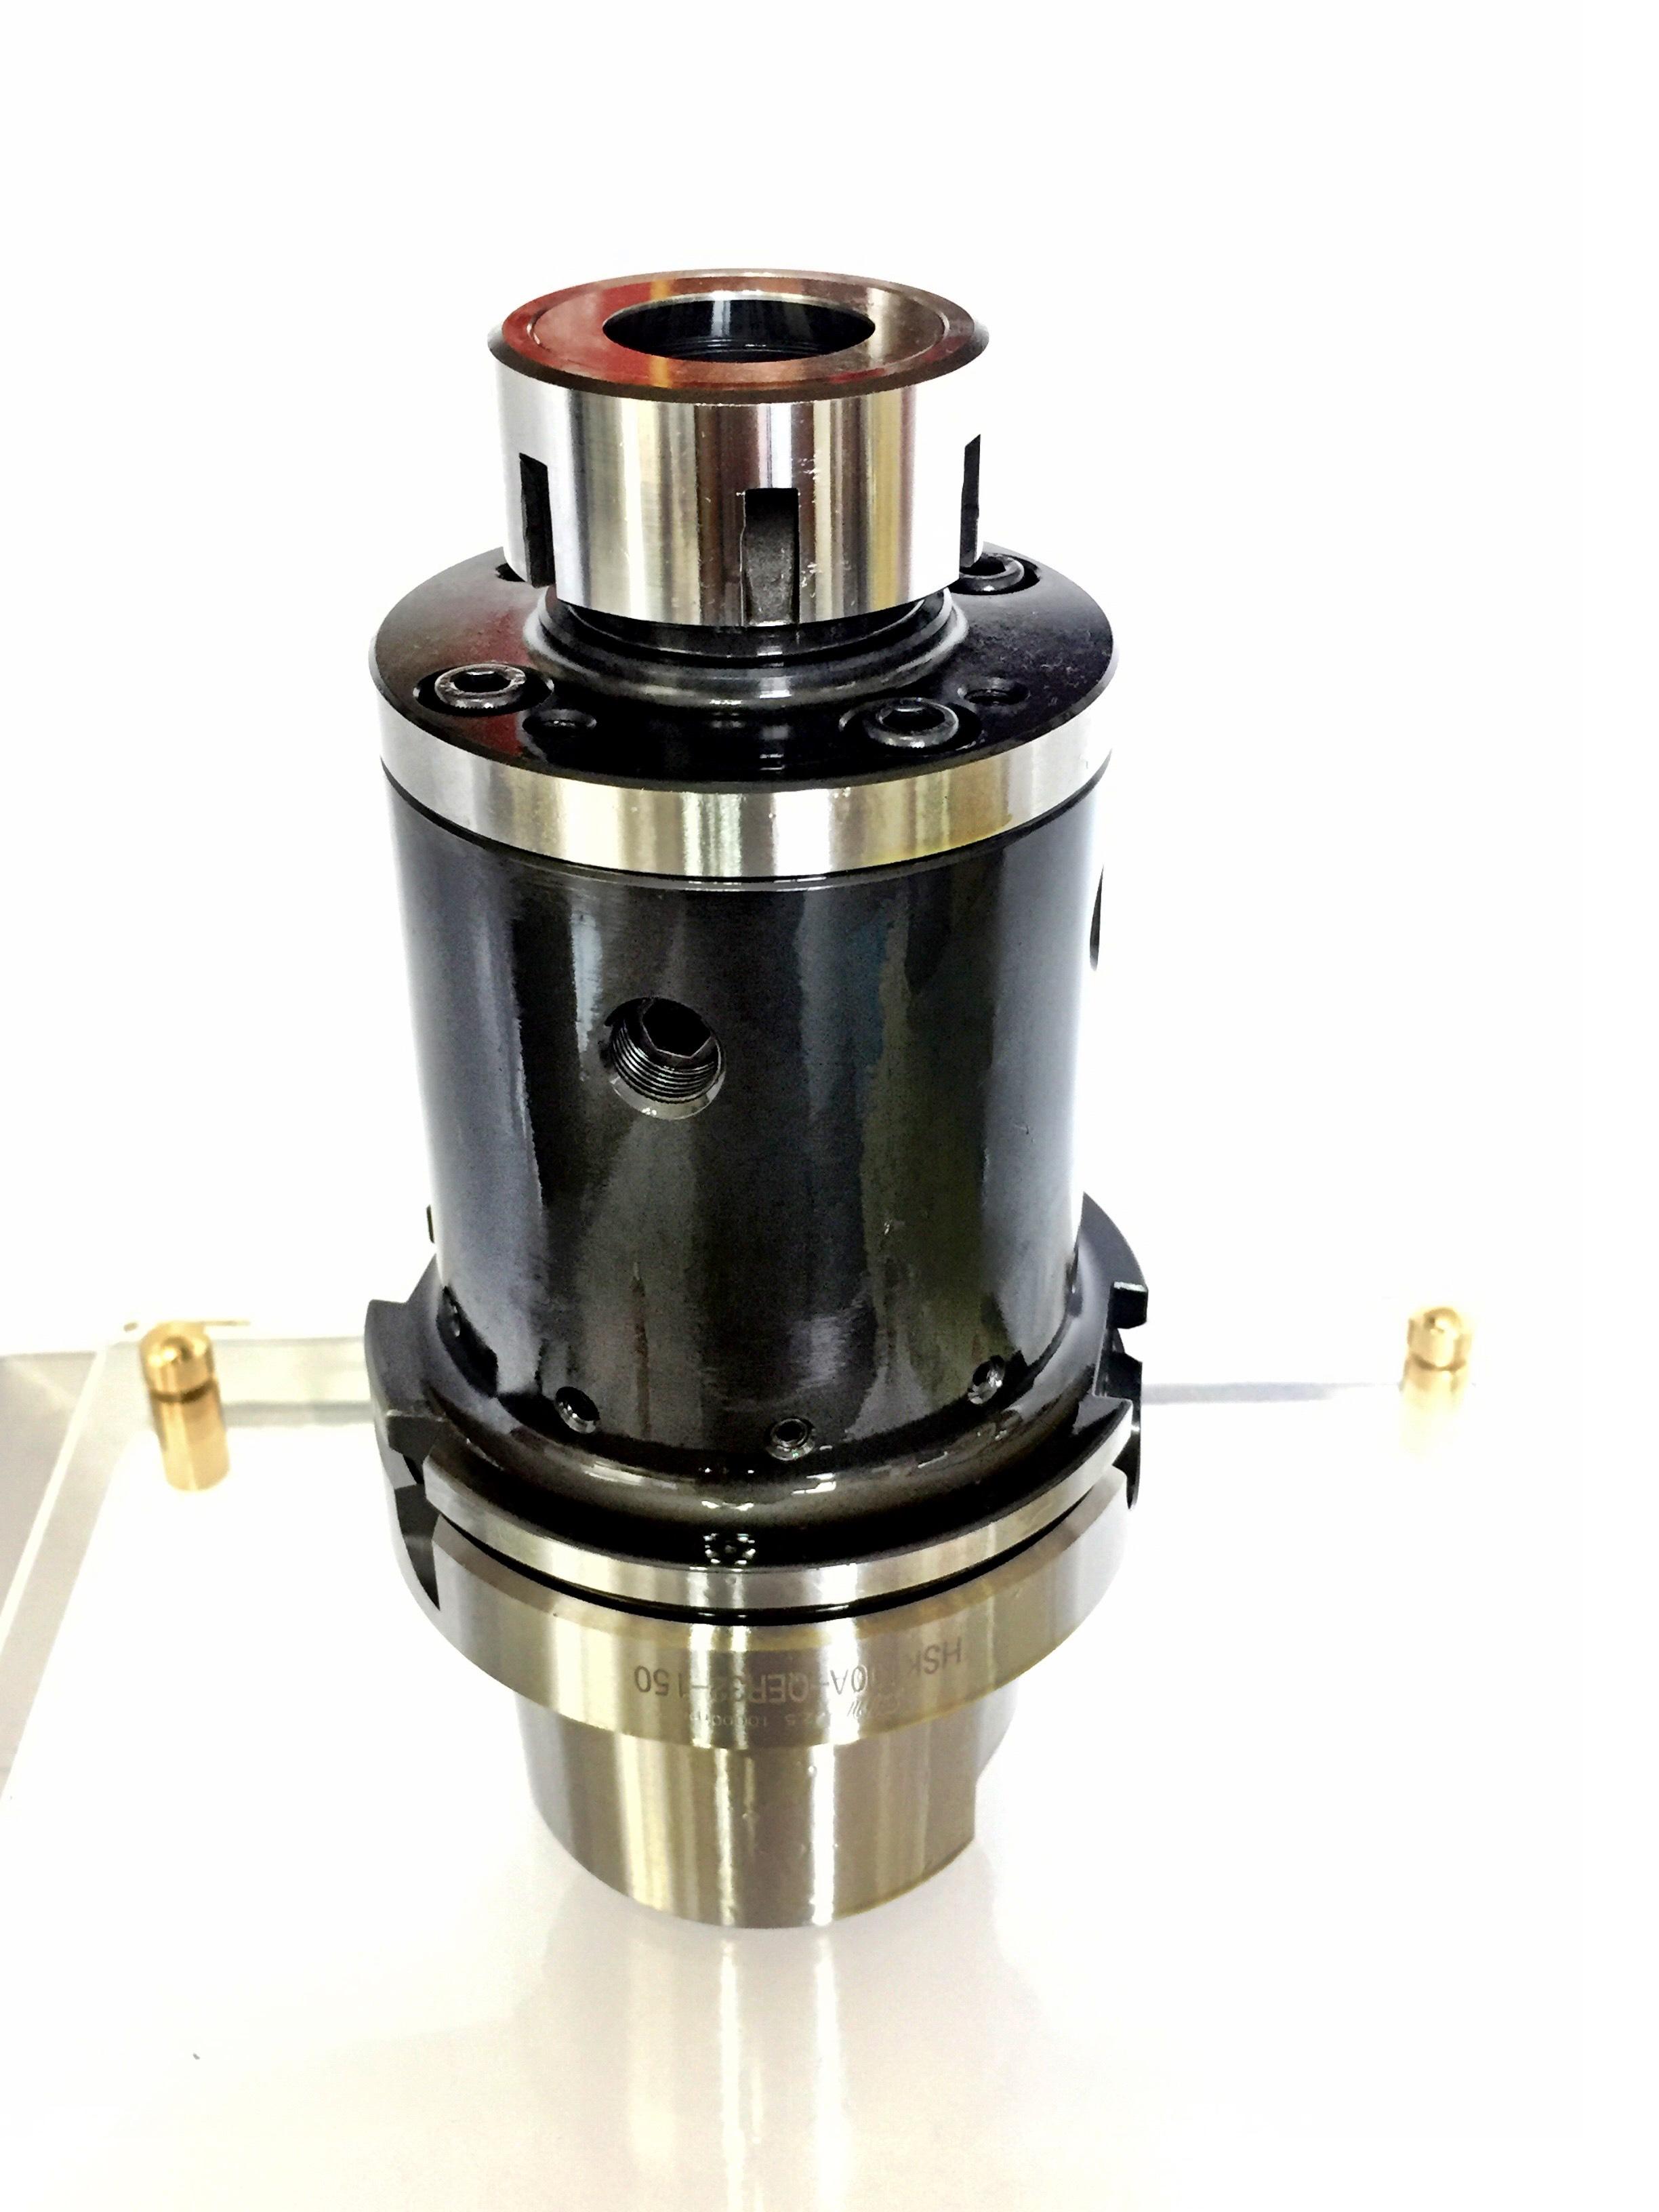 微米徑軸向調整及動平衡配重滾珠複合功能刀柄